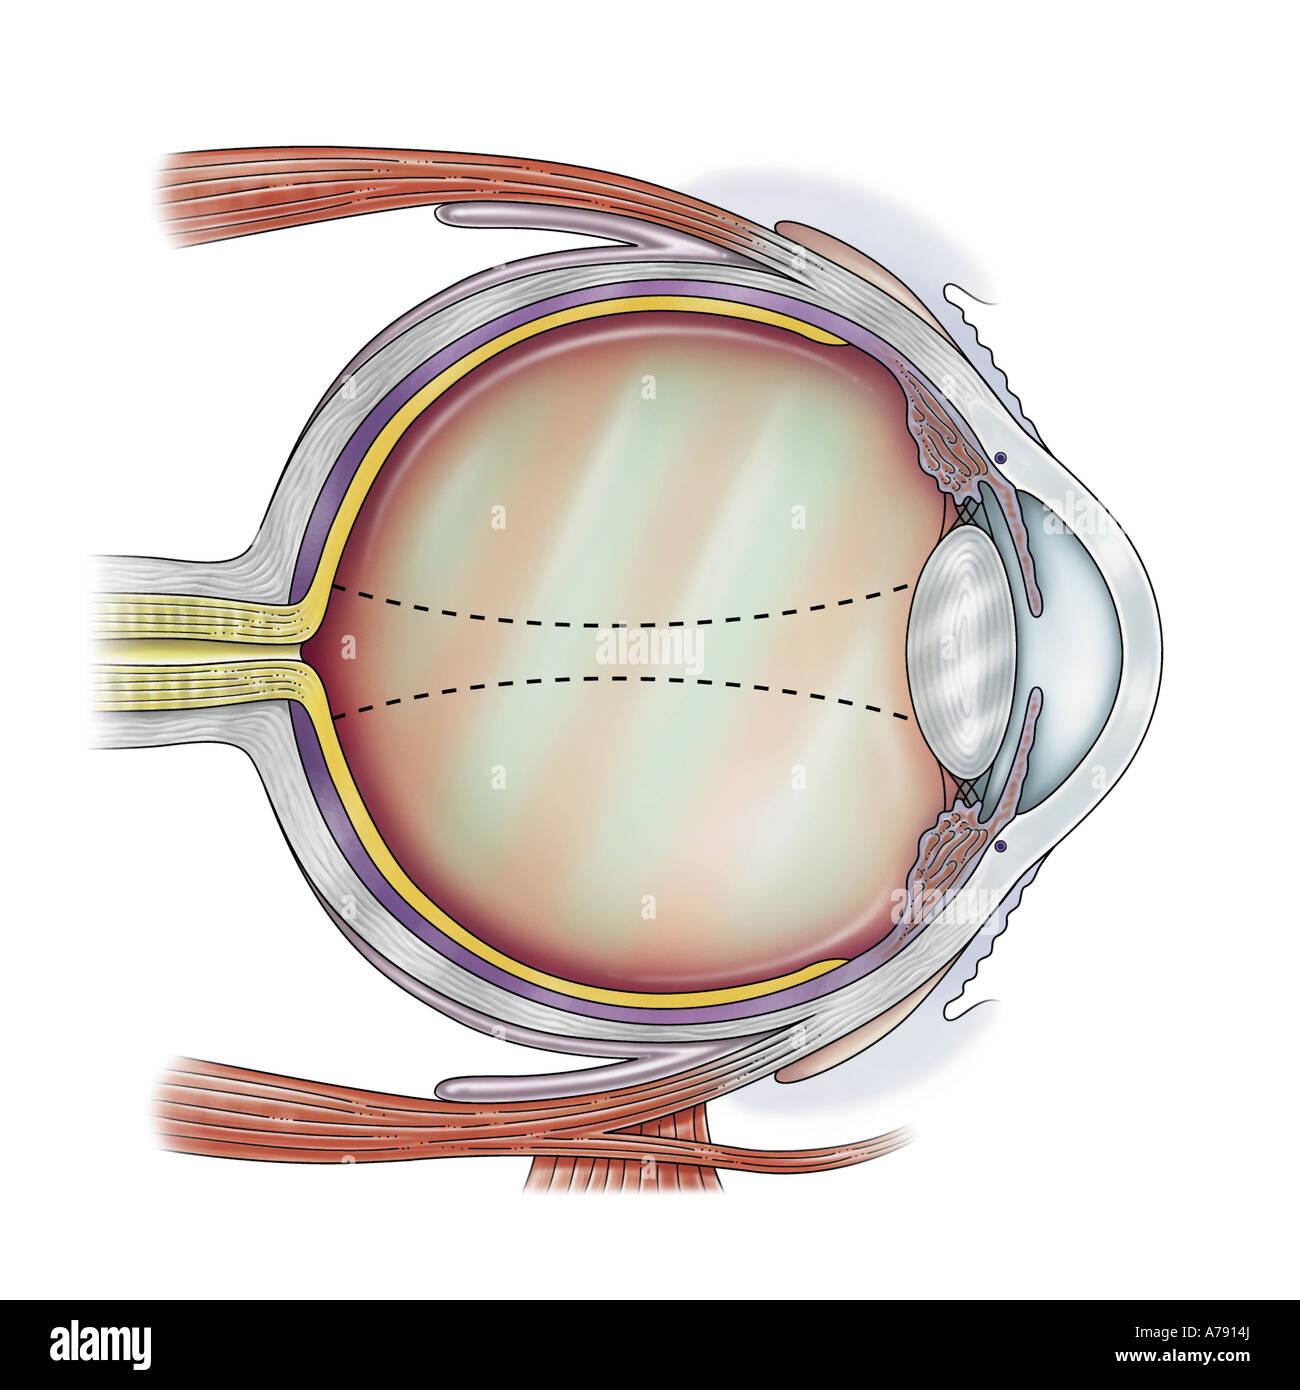 Asombroso Diagrama De Músculo Del Ojo Ilustración - Anatomía de Las ...